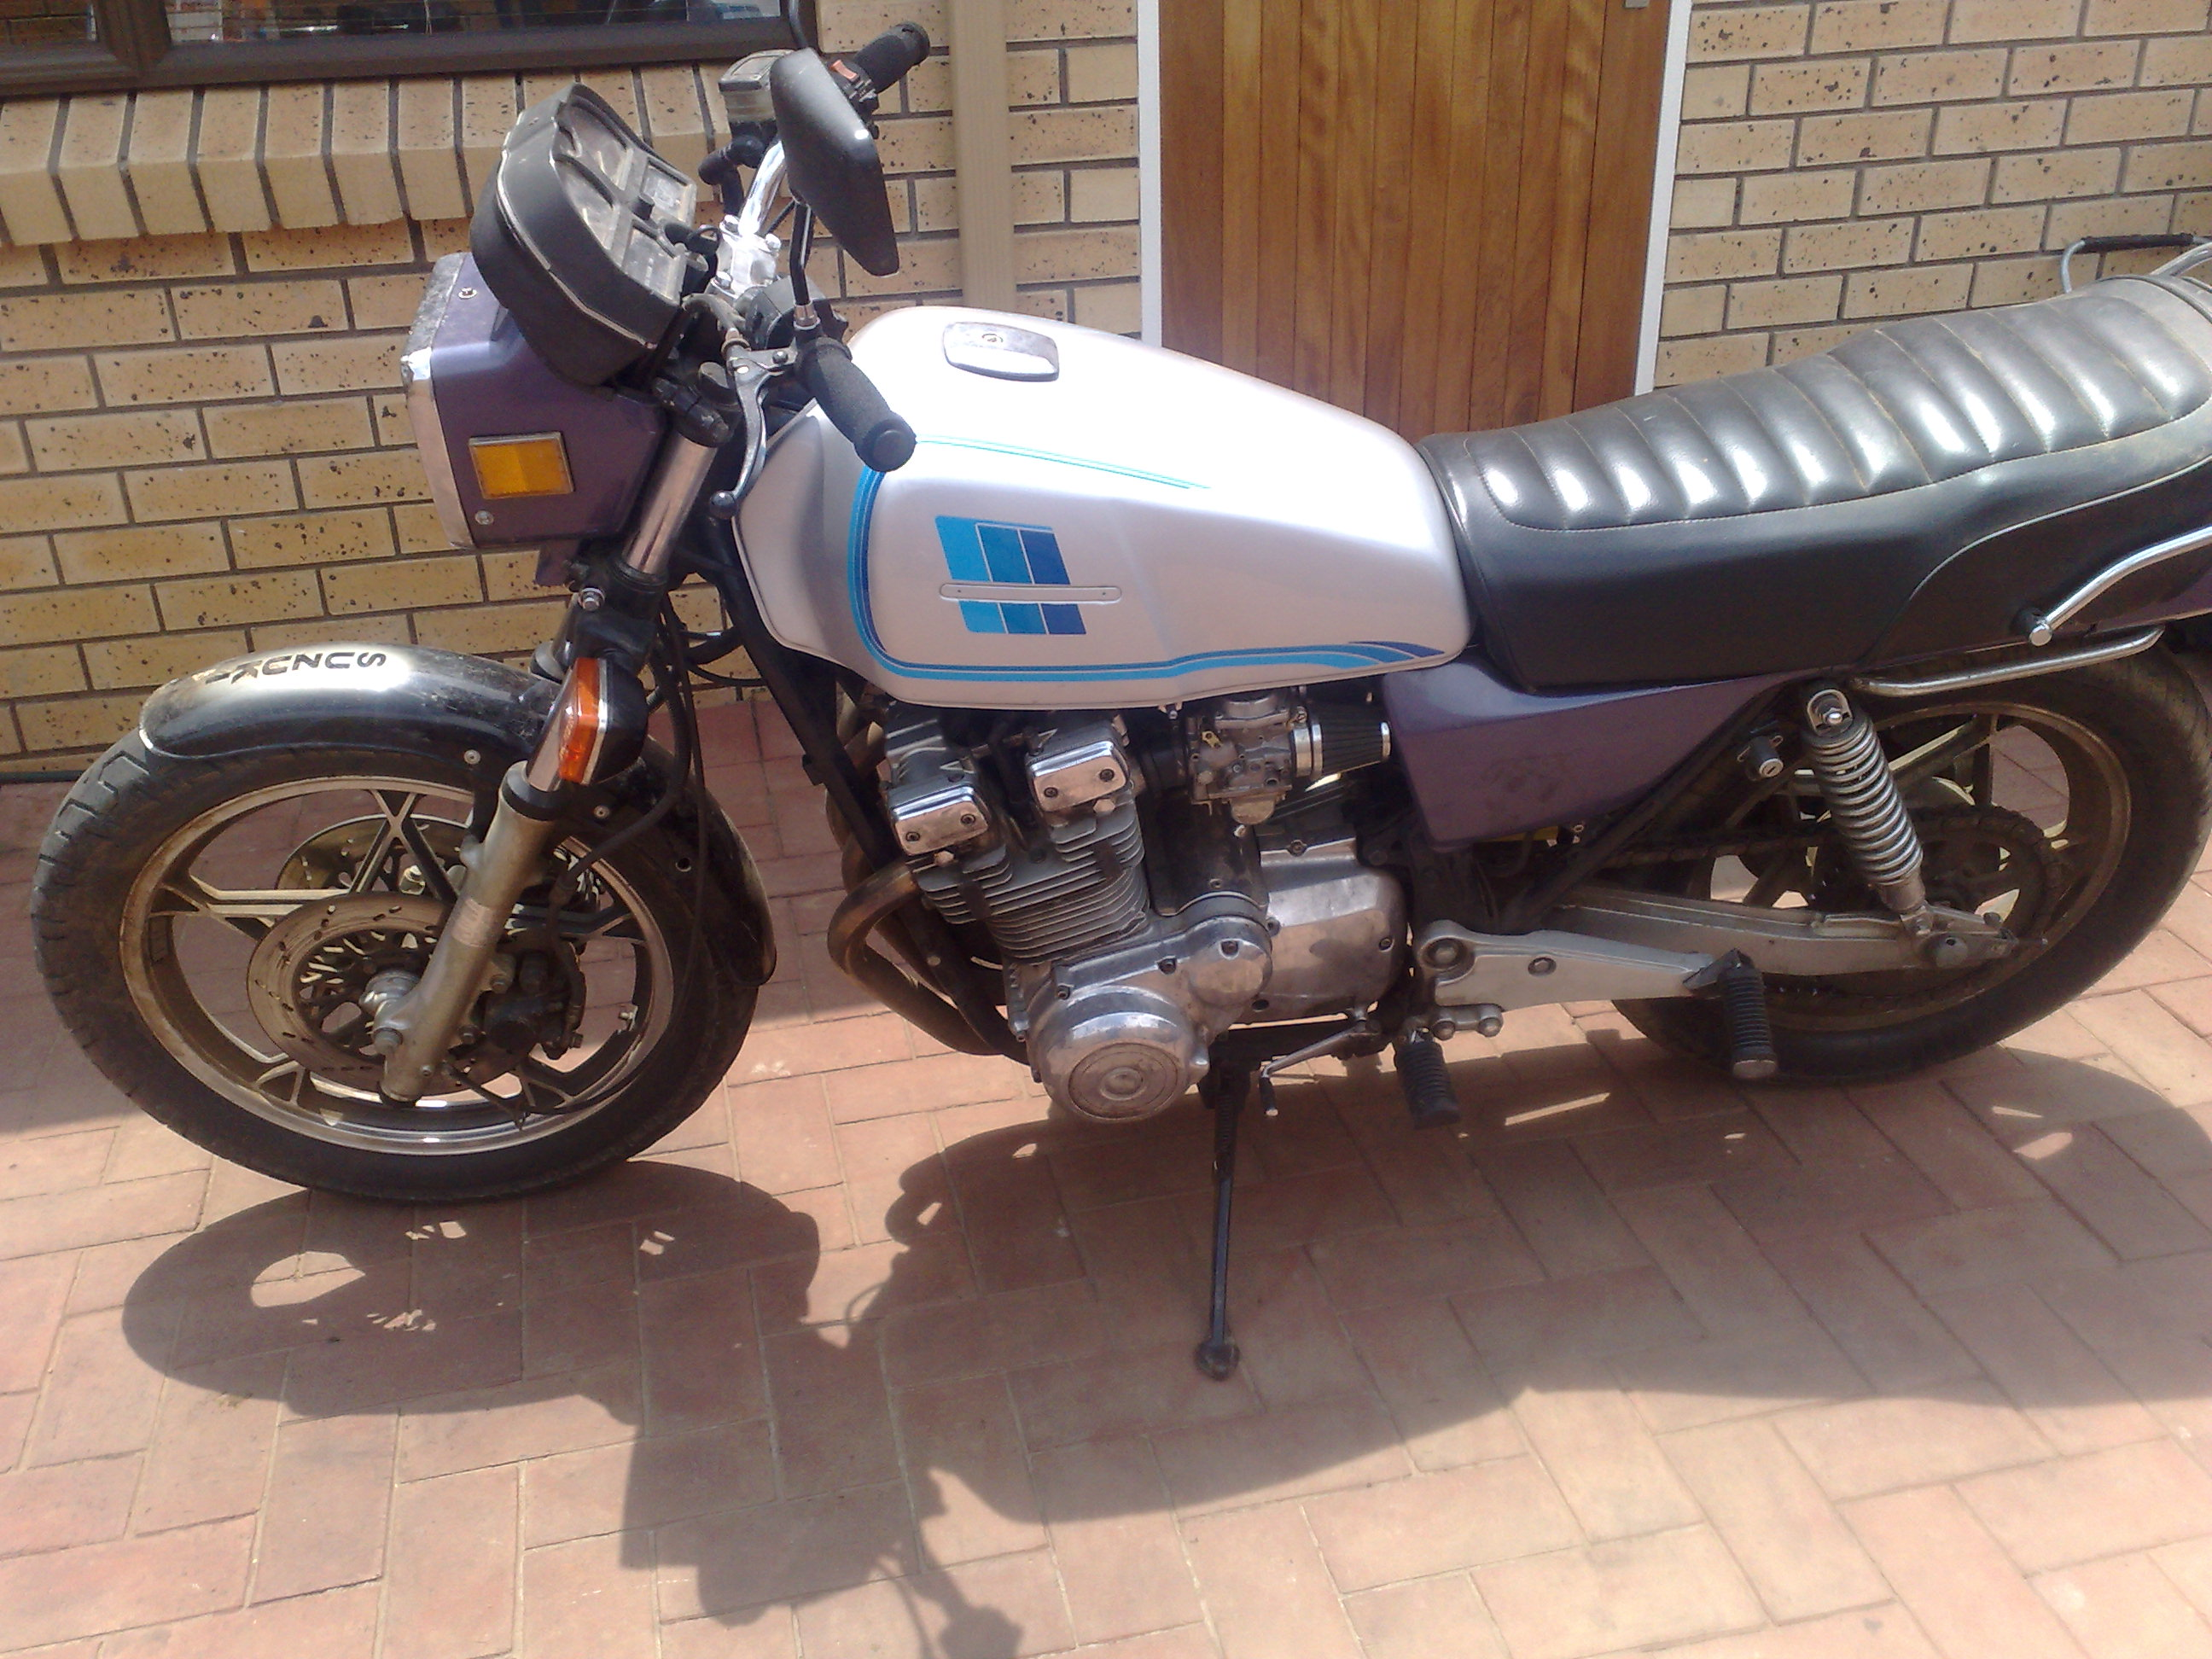 1981 Suzuki GSX 1100 before pic 1